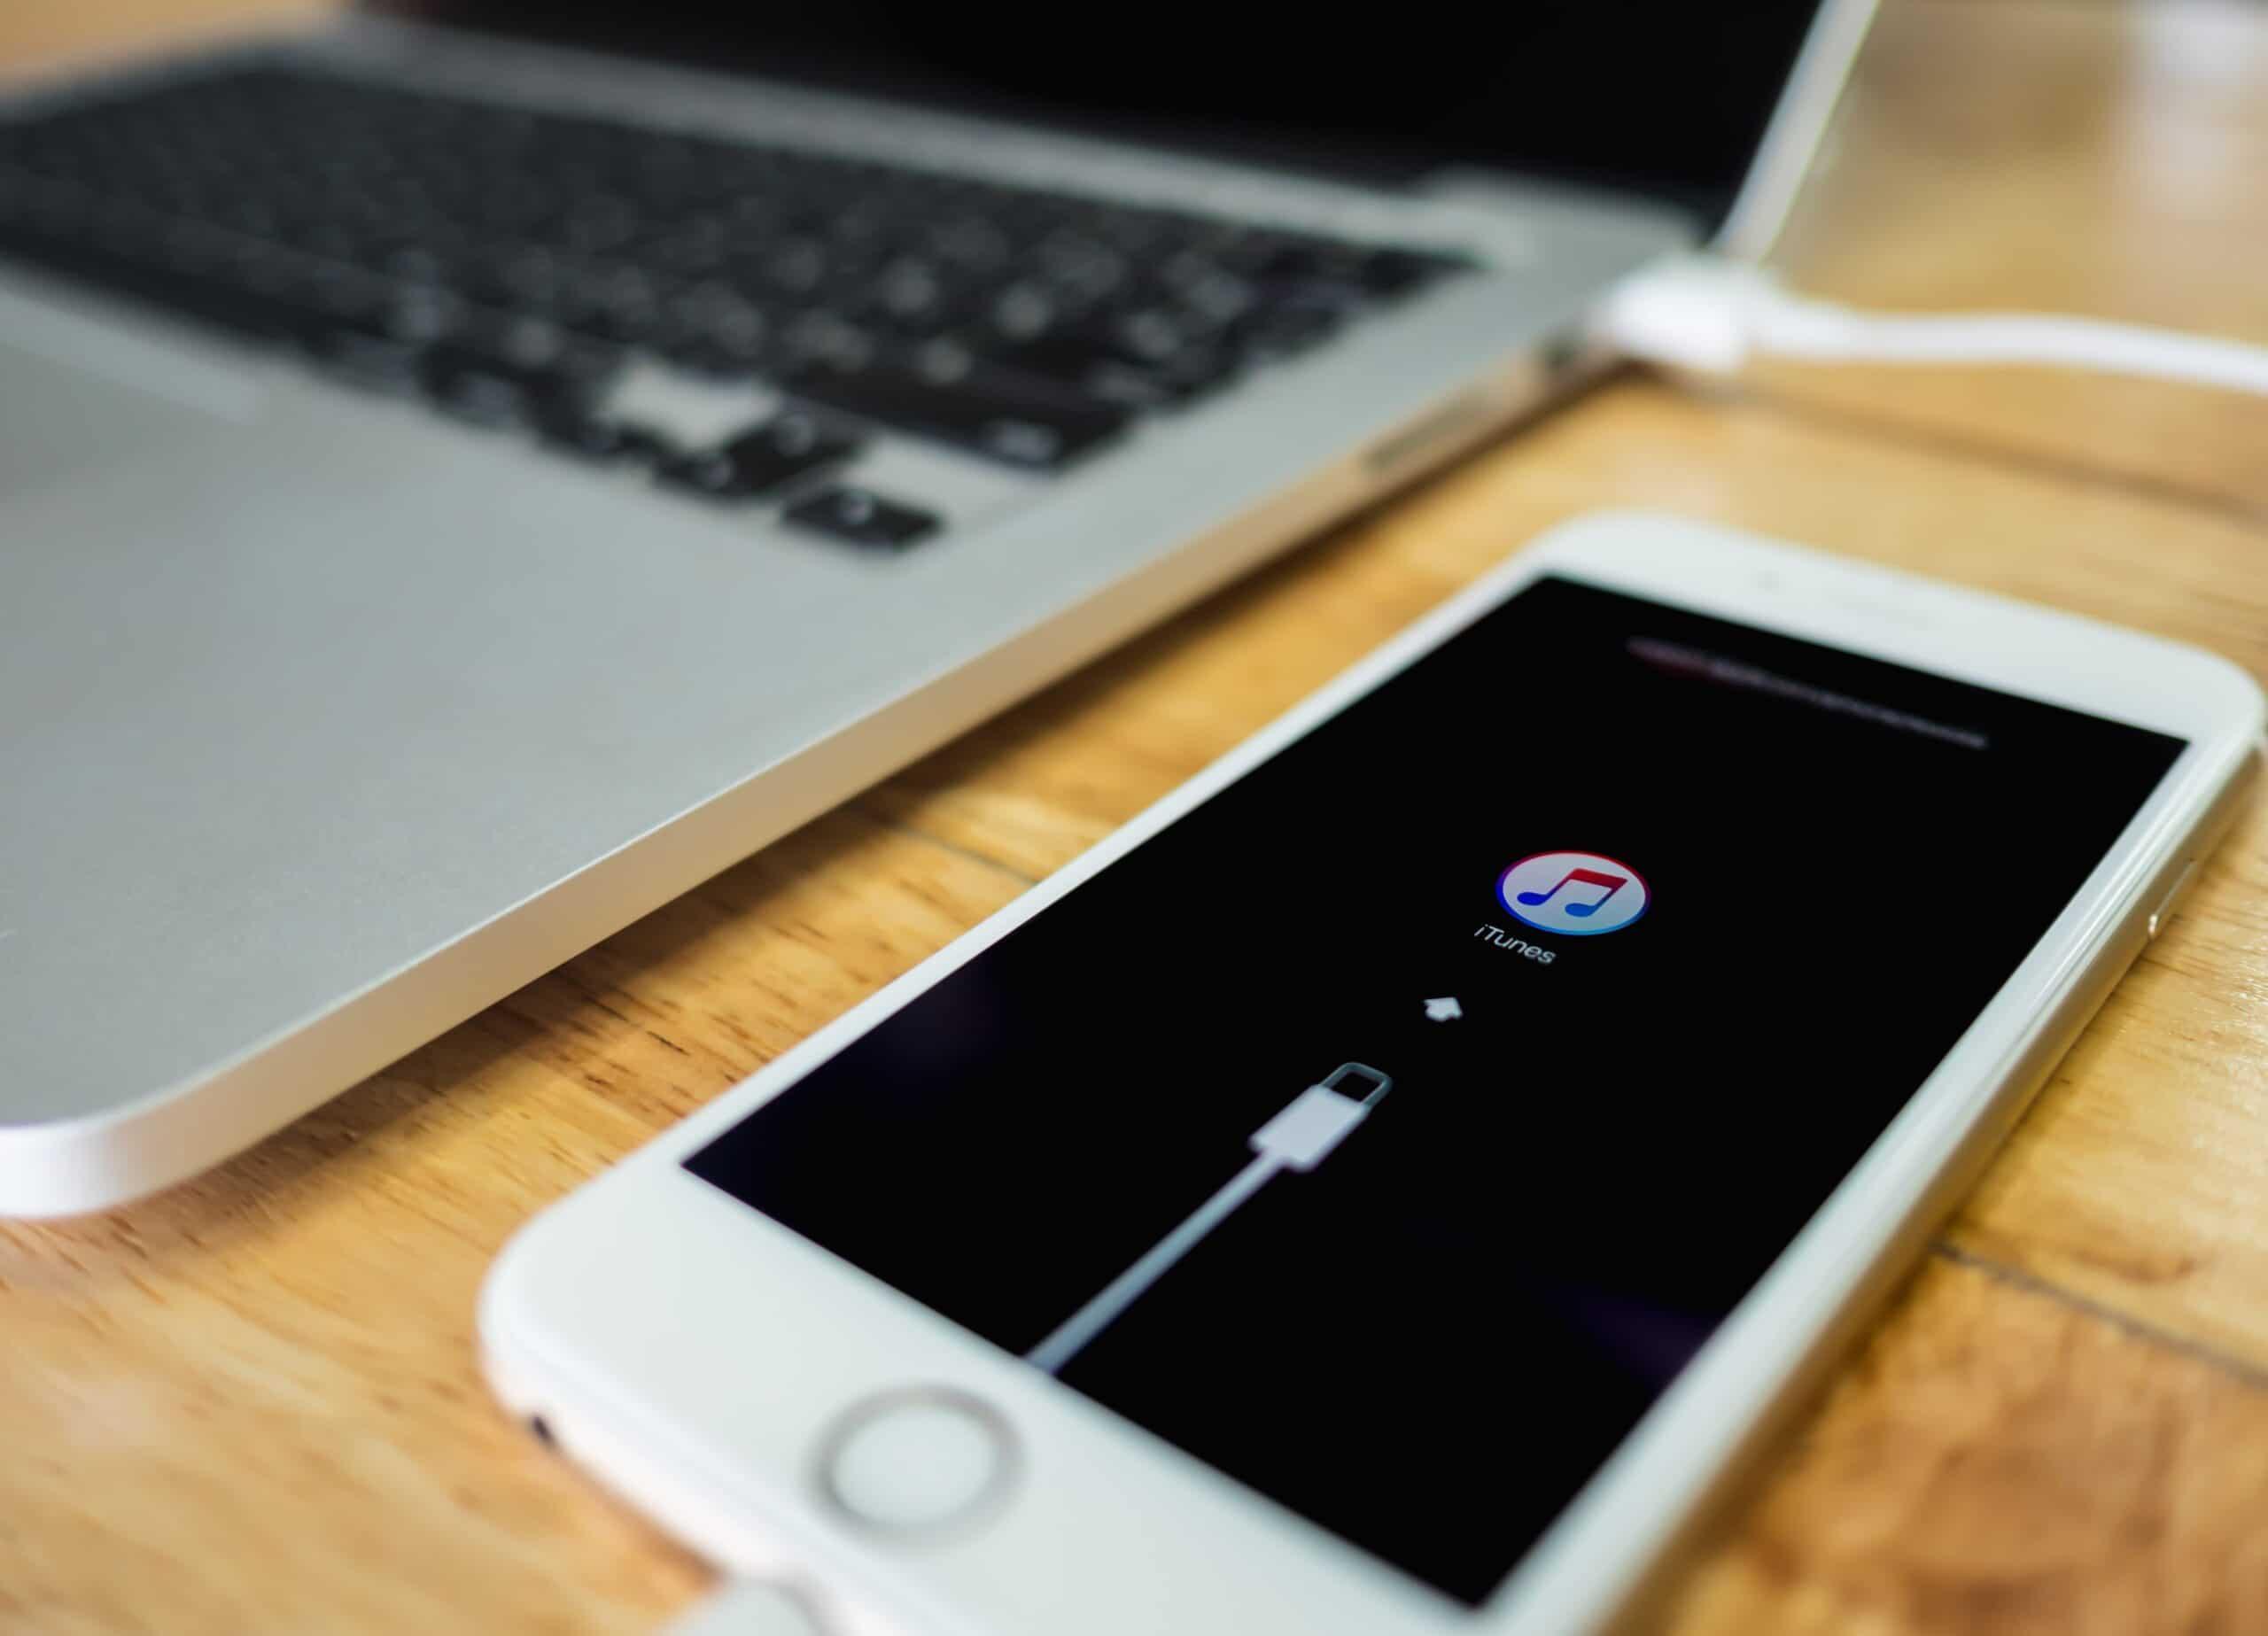 iPhone conectado ao iTunes via USB